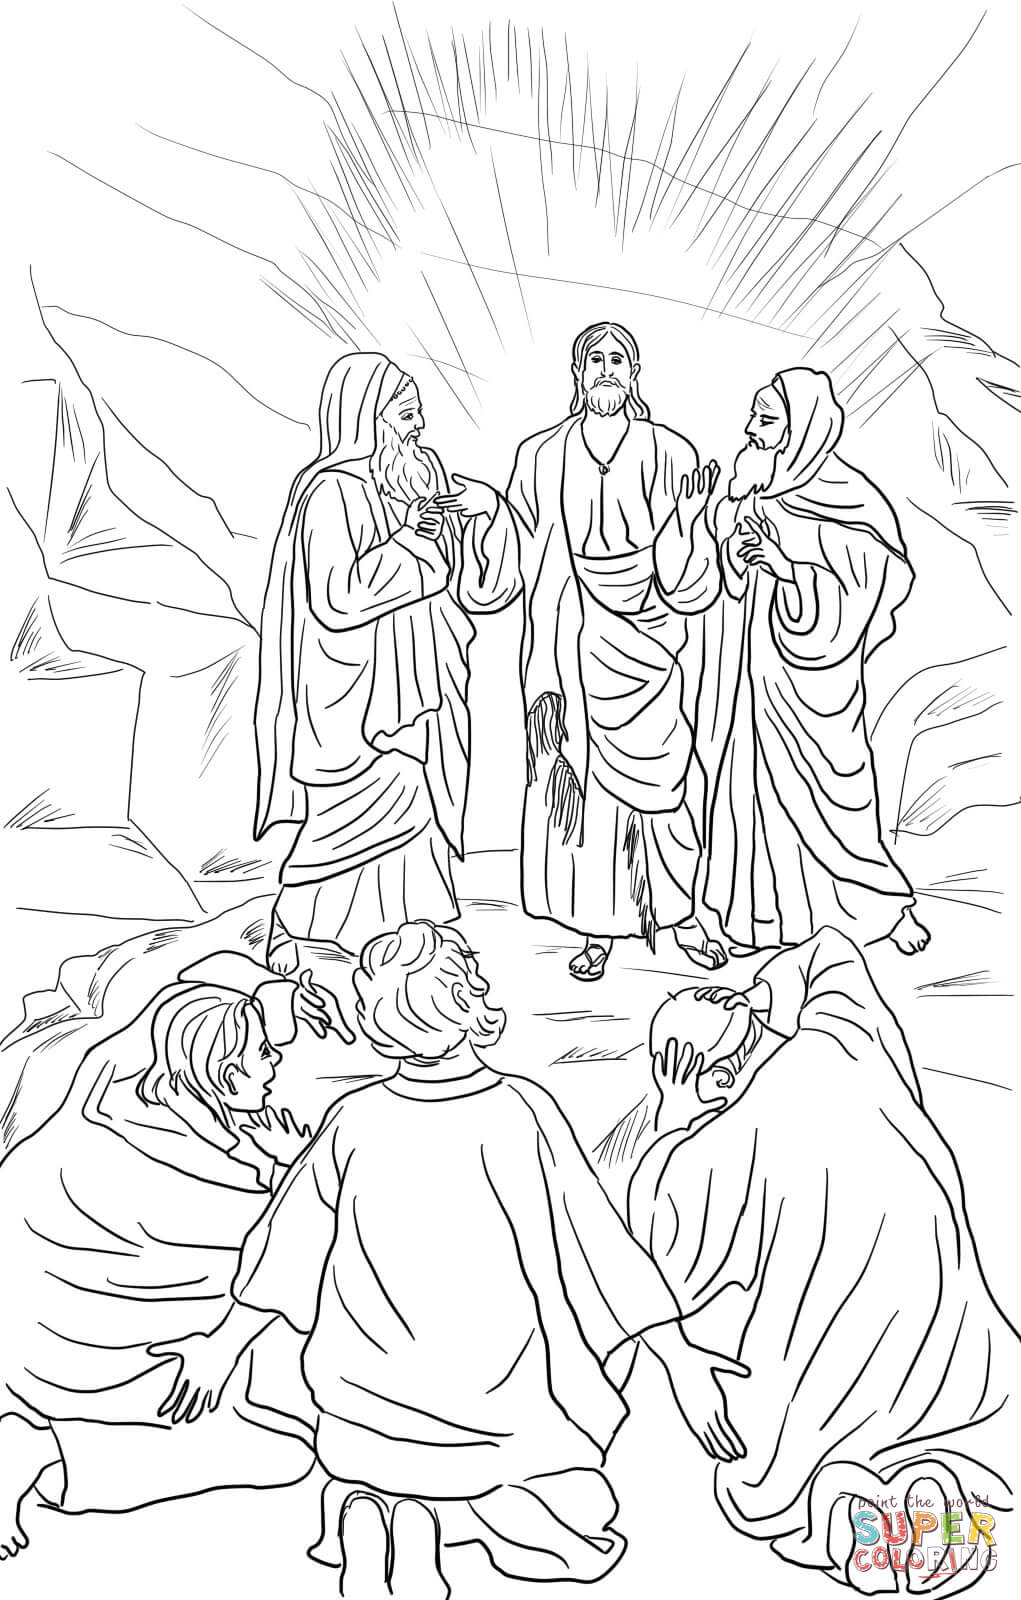 Jesus Transfiguration Coloring Page Free Printable